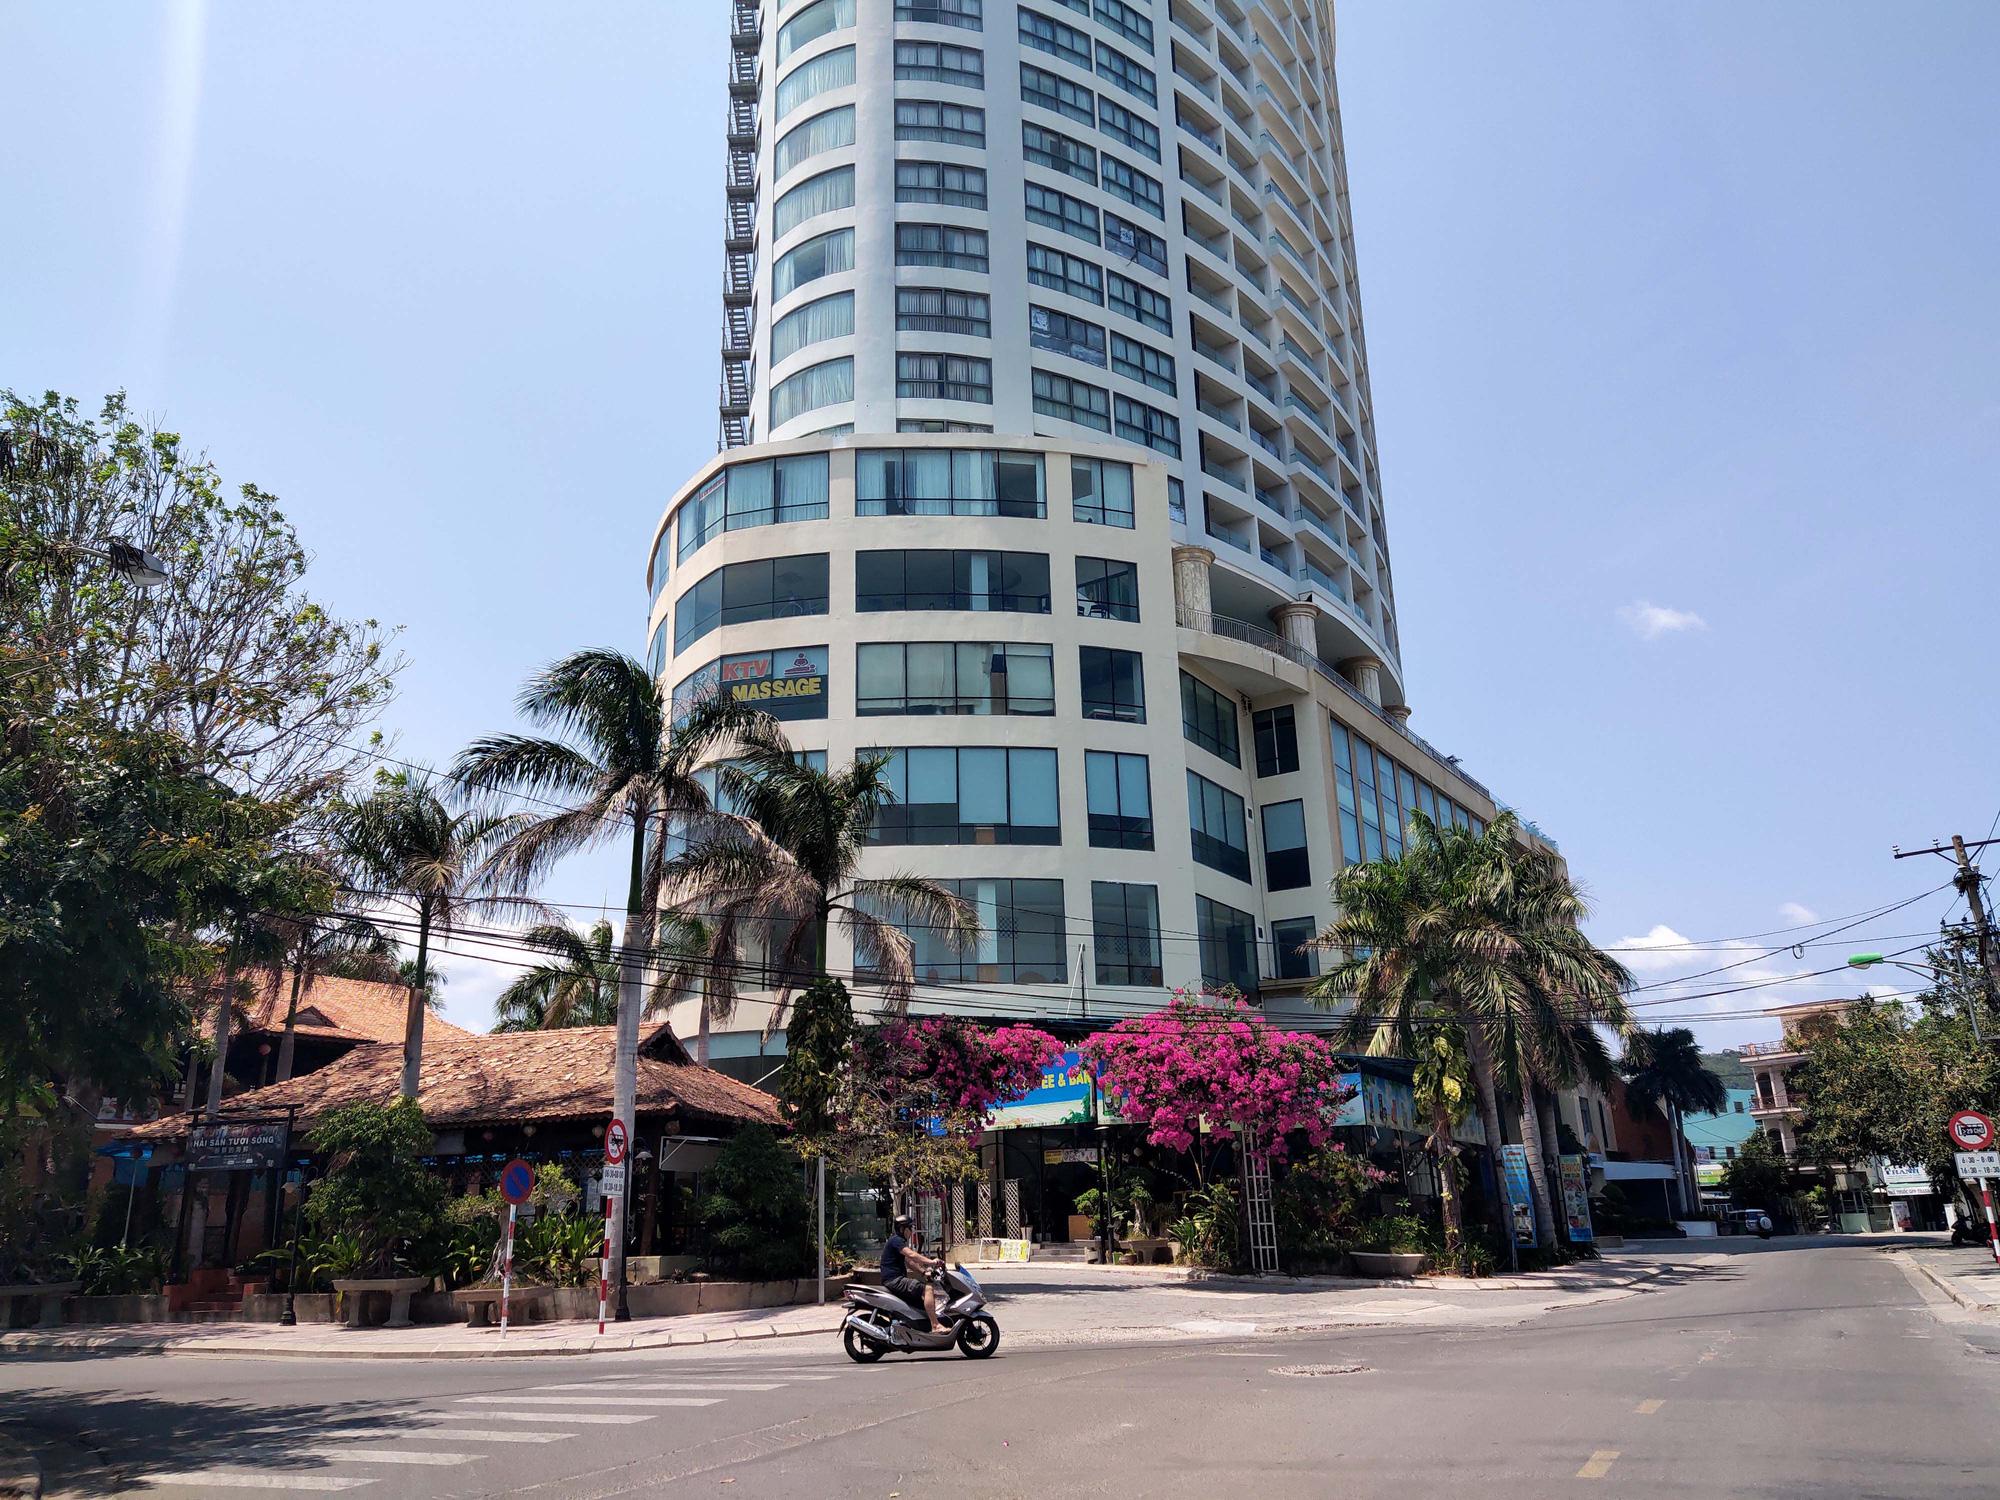 Nha Trang: Hàng loạt khách sạn rao bán, tạm ngừng hoạt động vì Covid-19 - Ảnh 3.